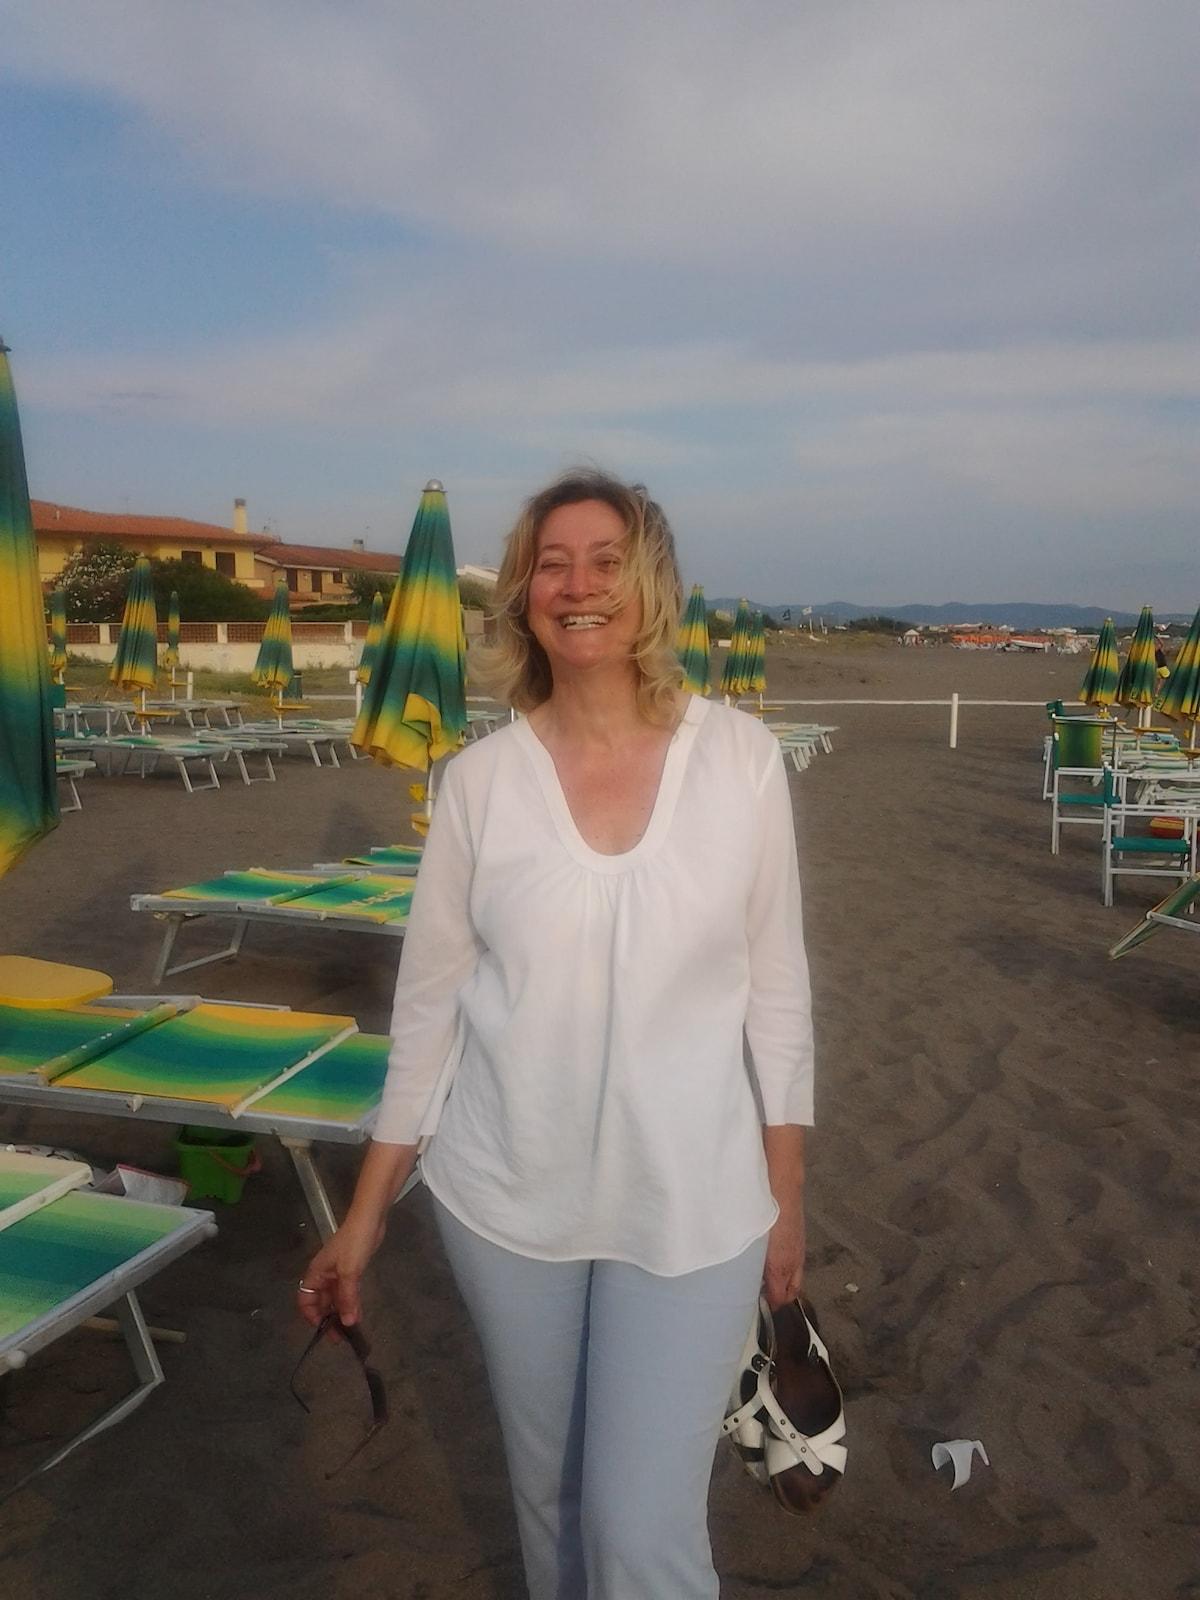 Sono mamma di 4 stupendi figli: Jacopo,Ilaria,Rebe